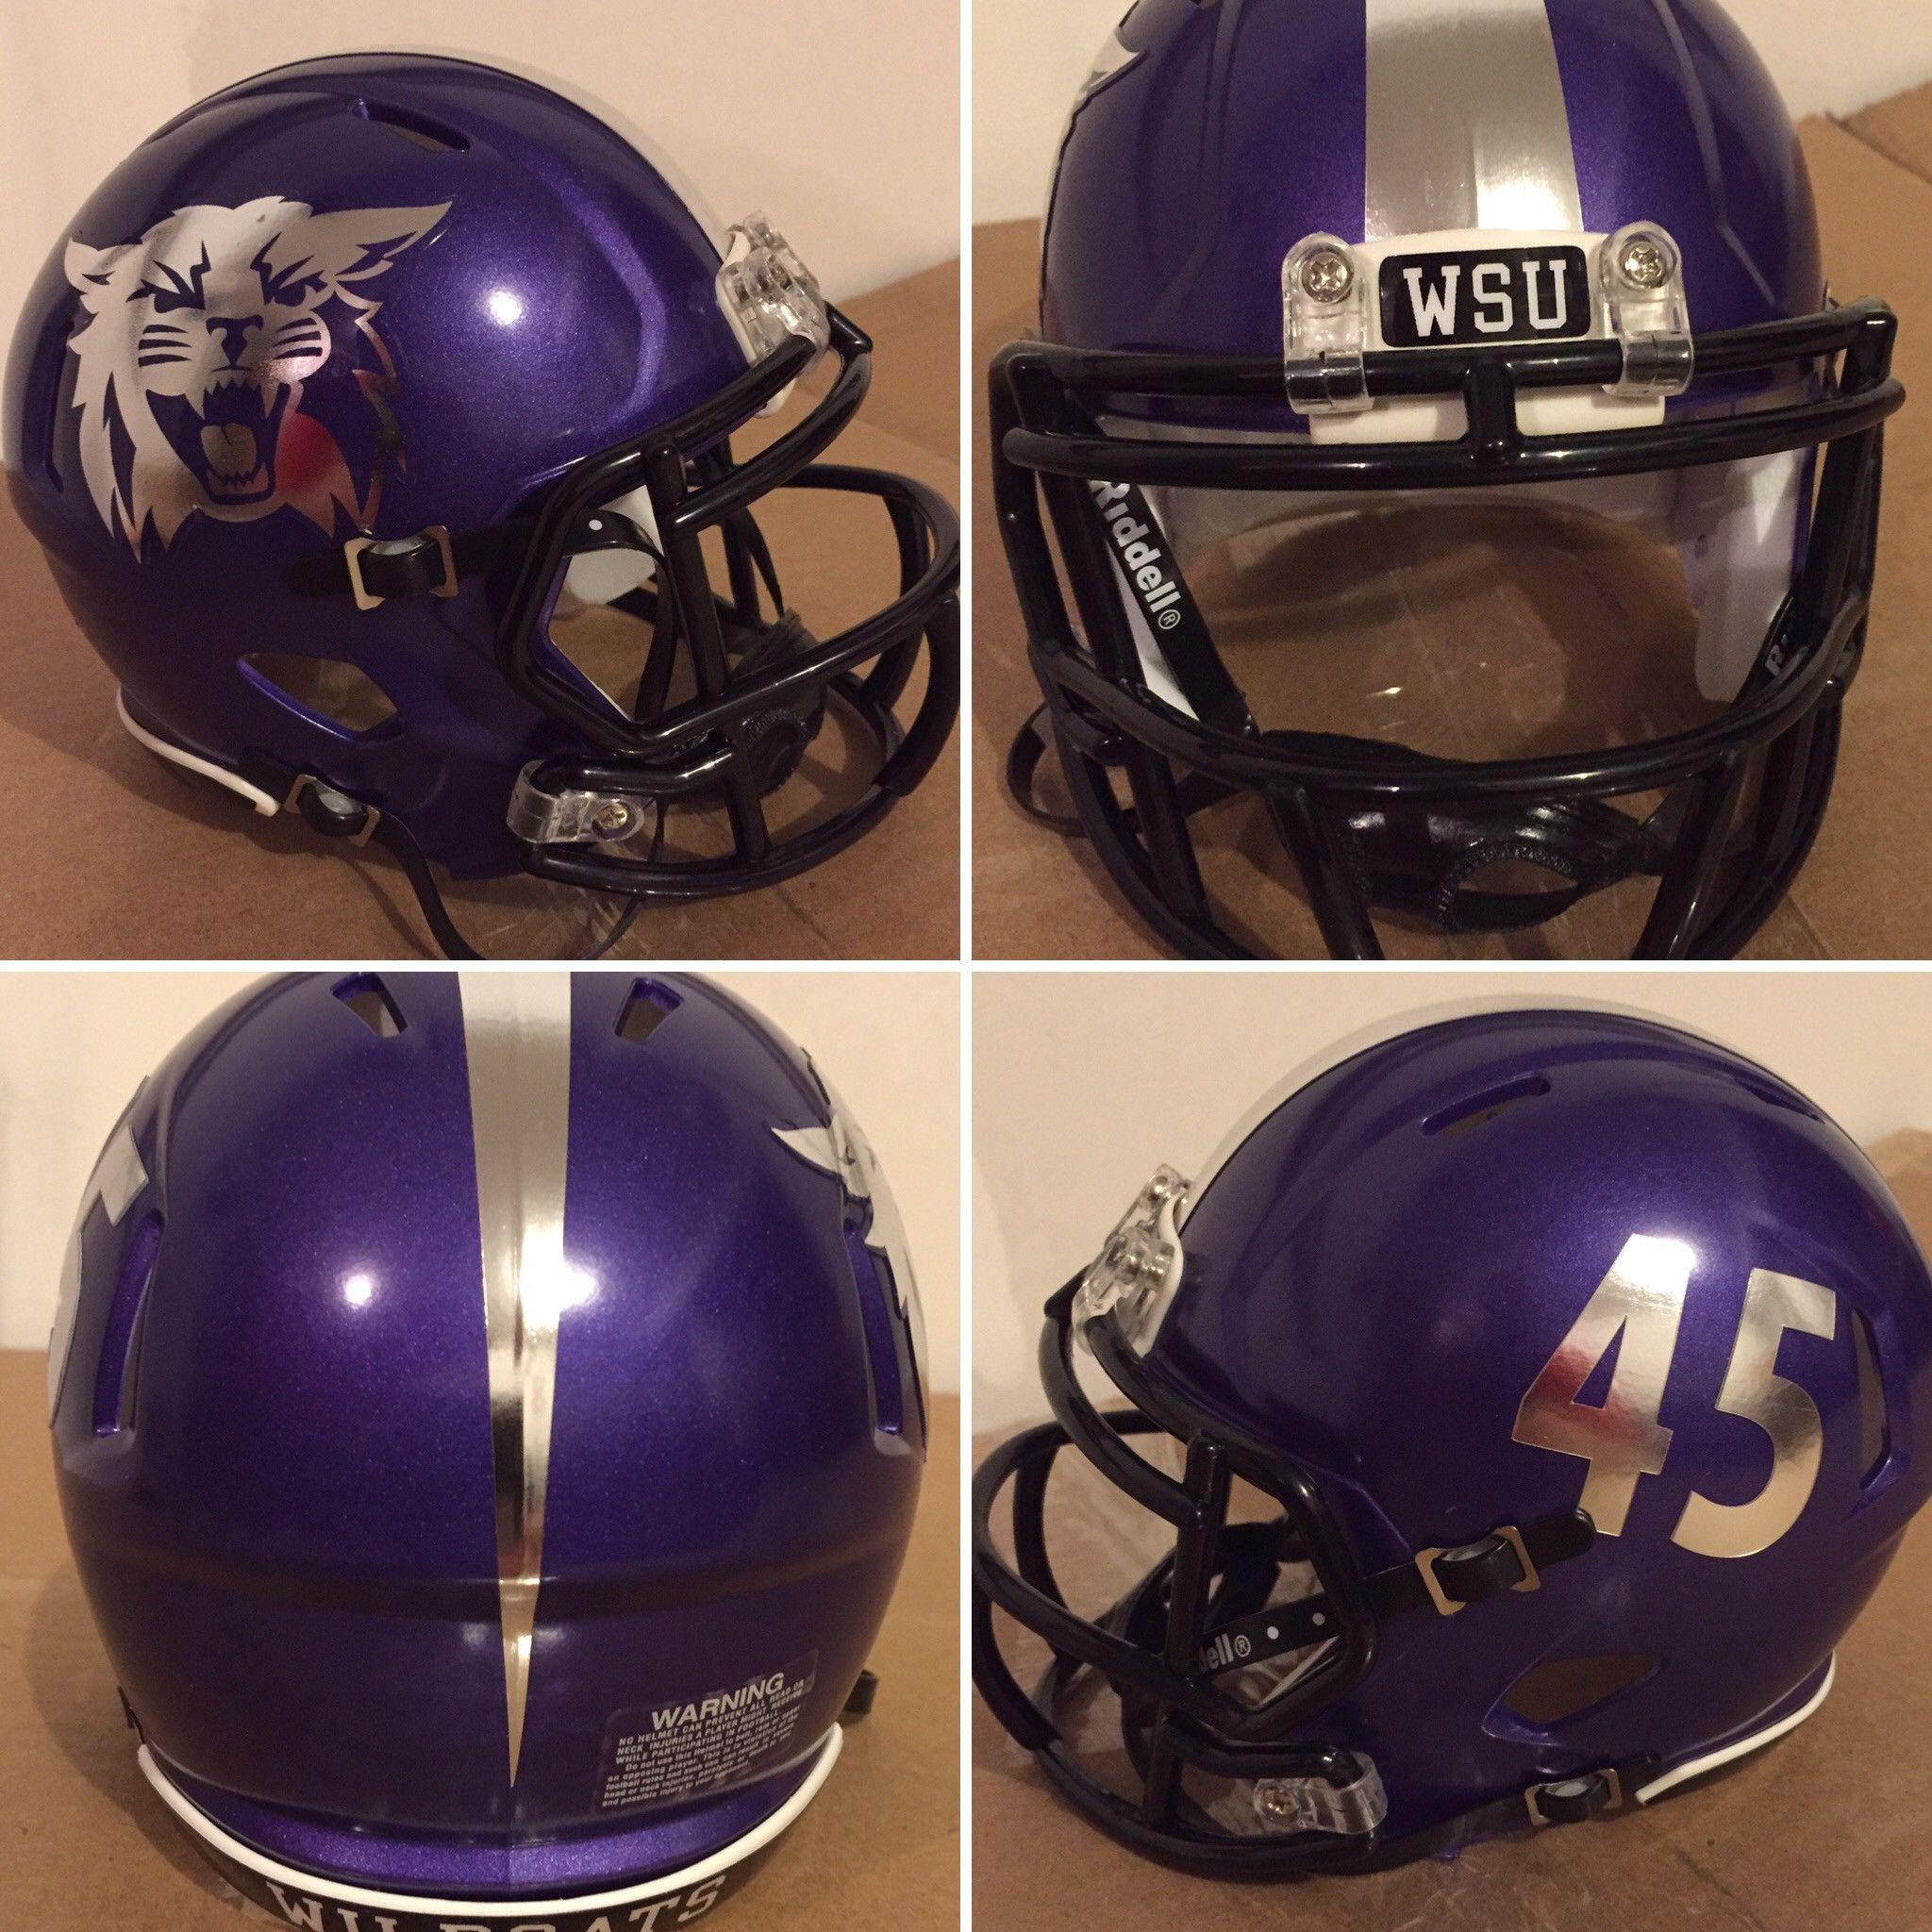 ce15ae36 Custom Riddell Speed Authentic Mini Football Helmets | Custom Mini ...